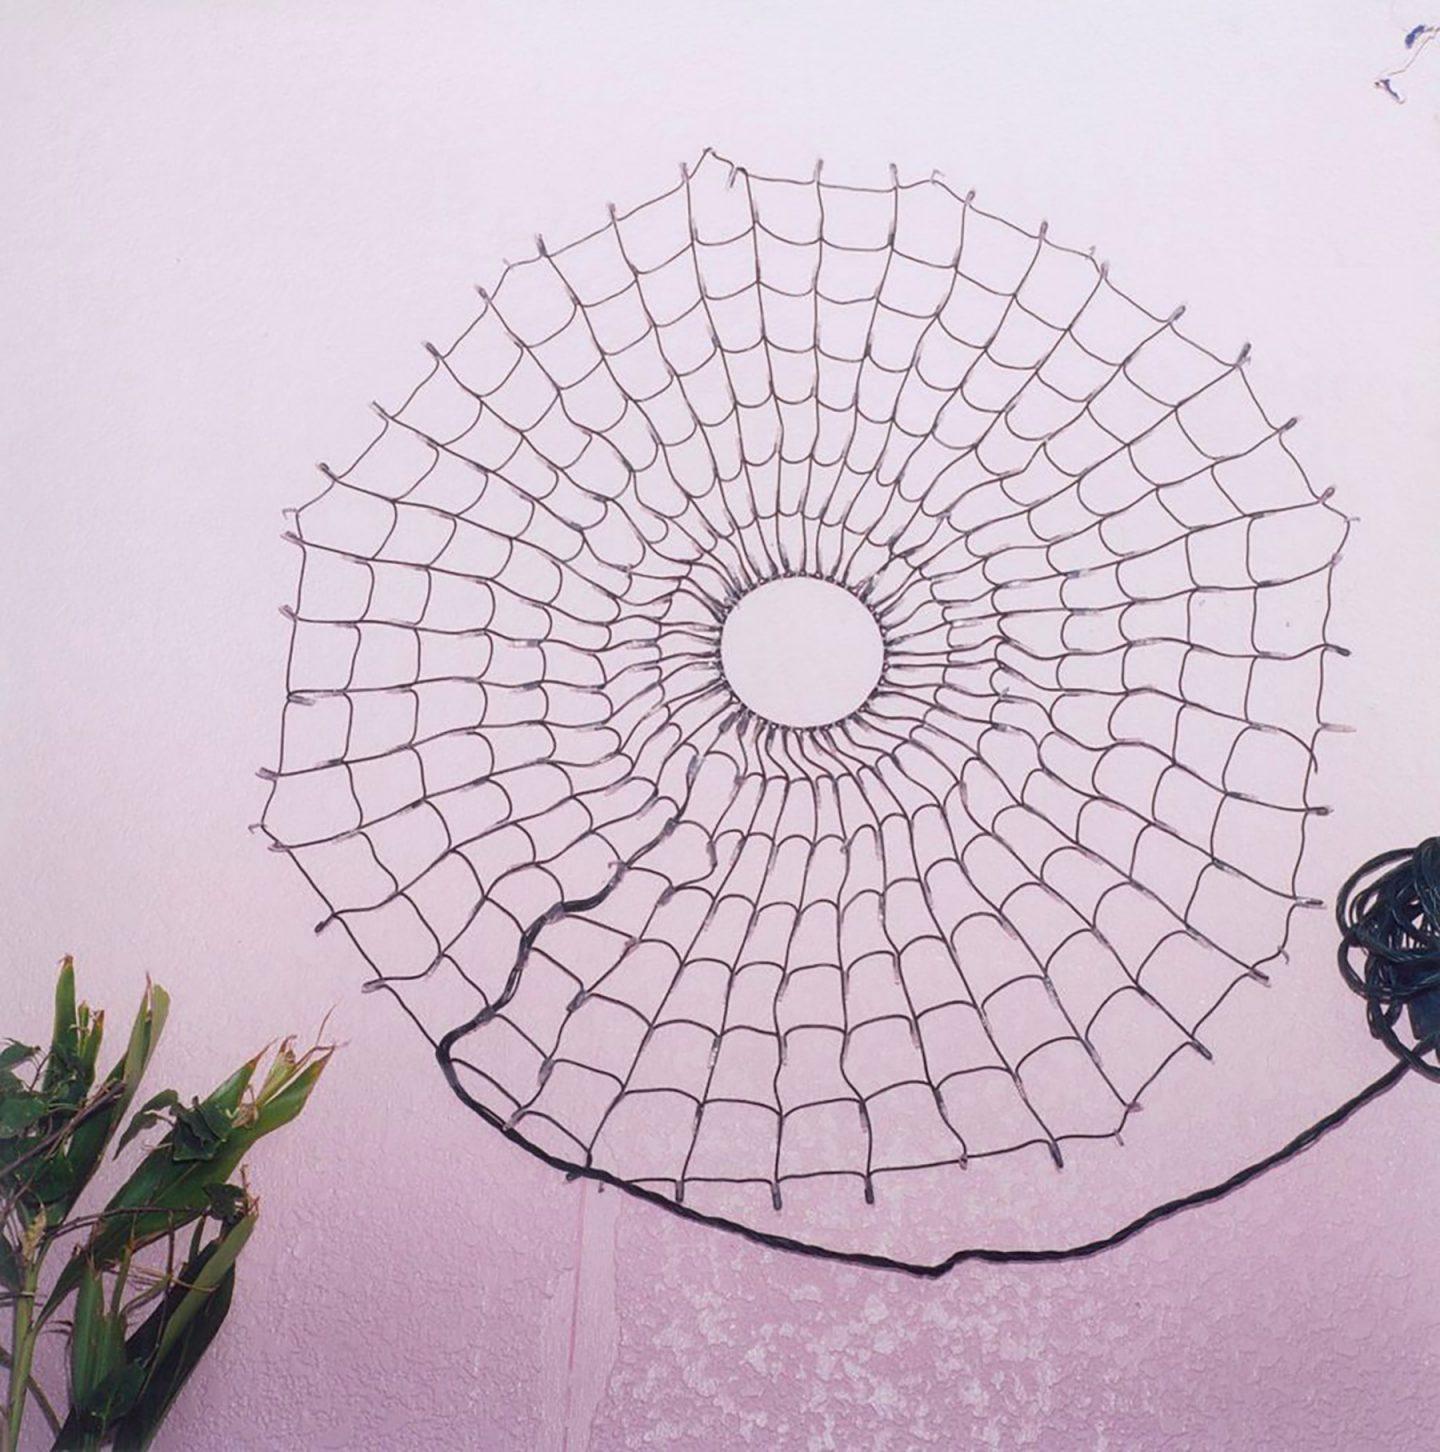 La poesia visiva di Rinko Kawauchi | Collater.al 9